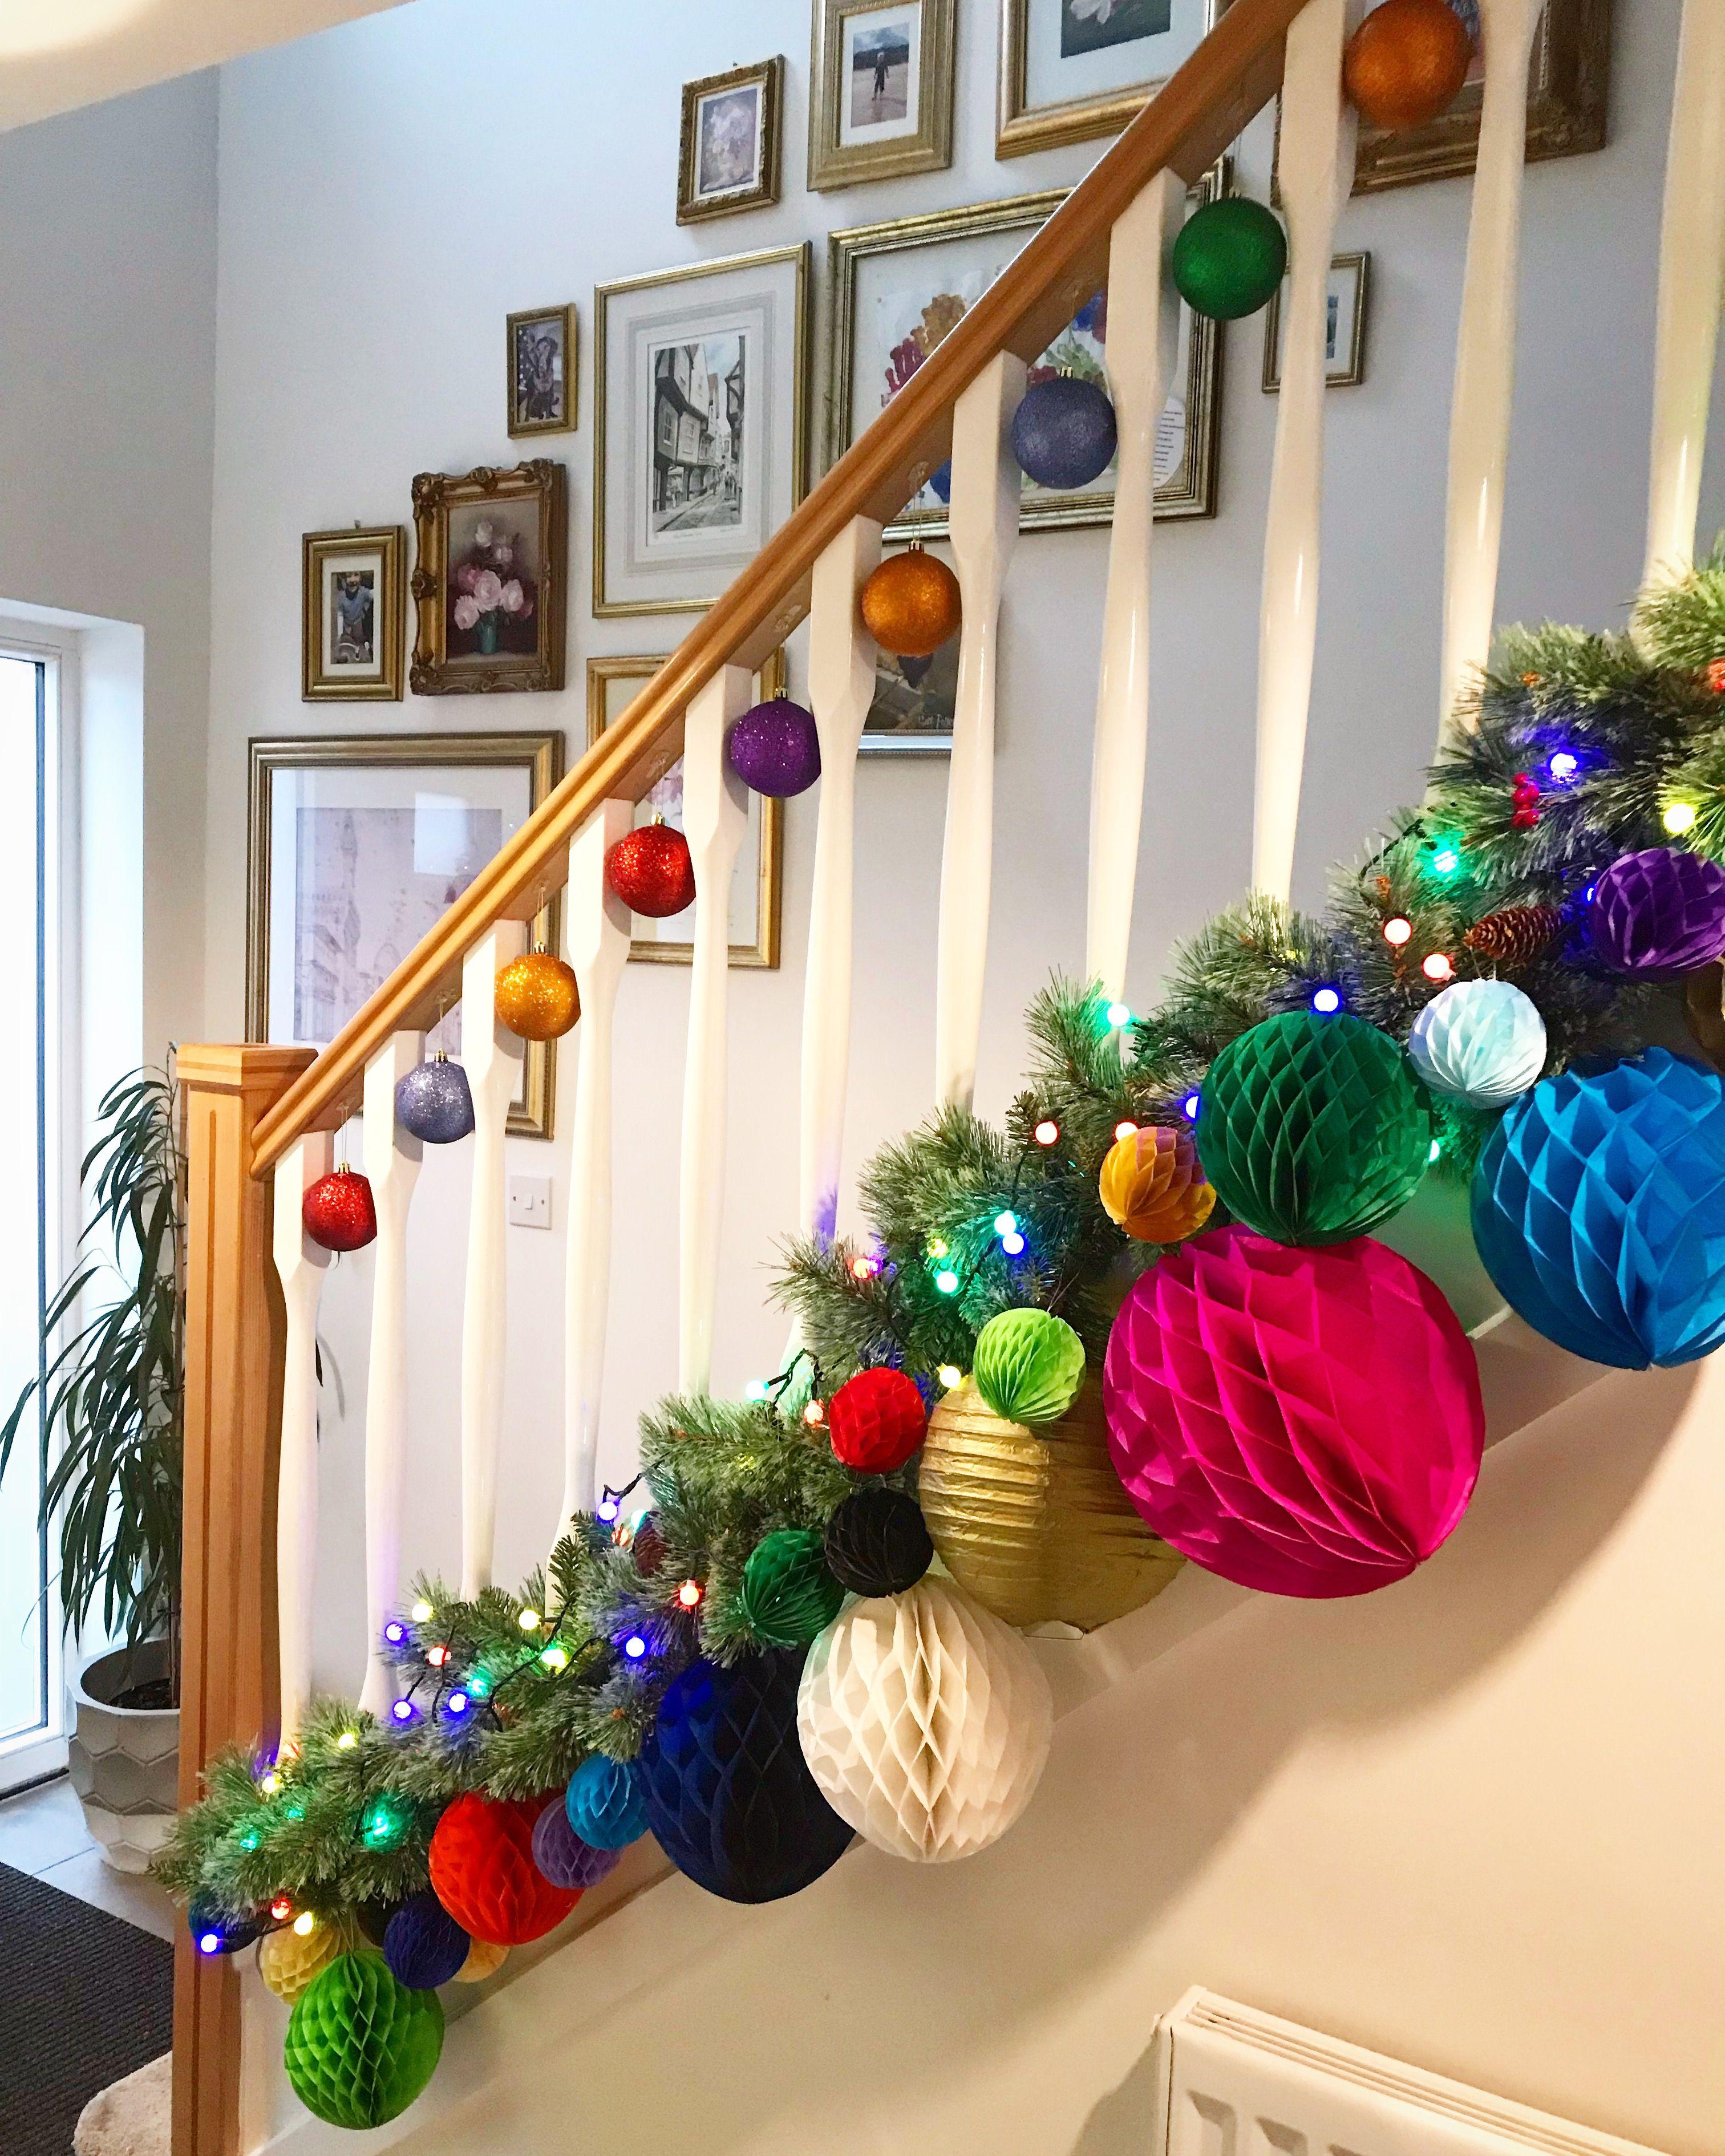 Stairway Christmas Decor. Paper Honeycomb Ball Garland